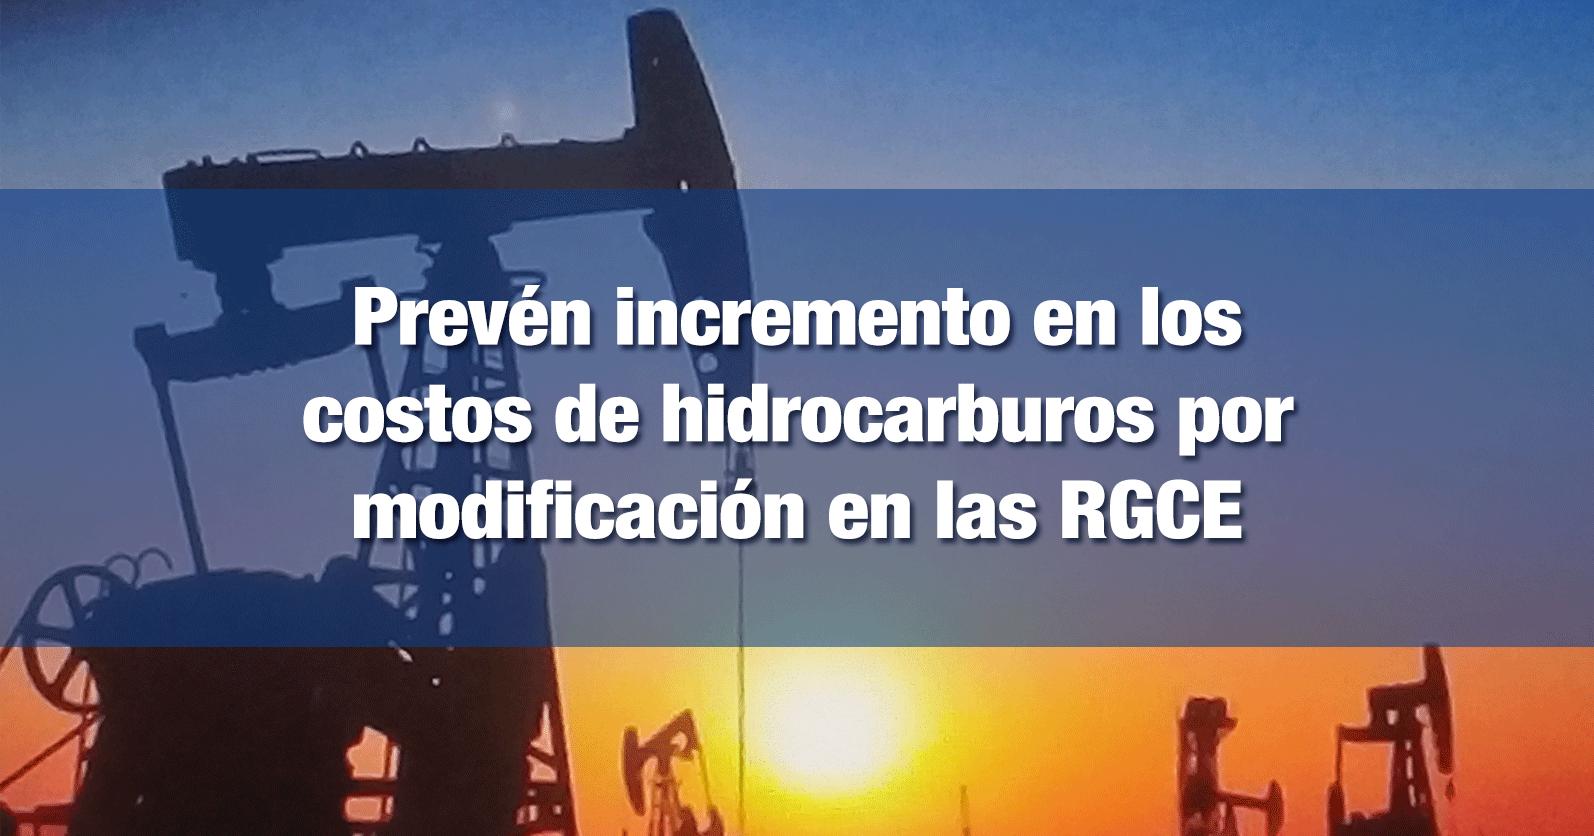 Prevén incremento en los costos de hidrocarburos por modificación en las RGCE